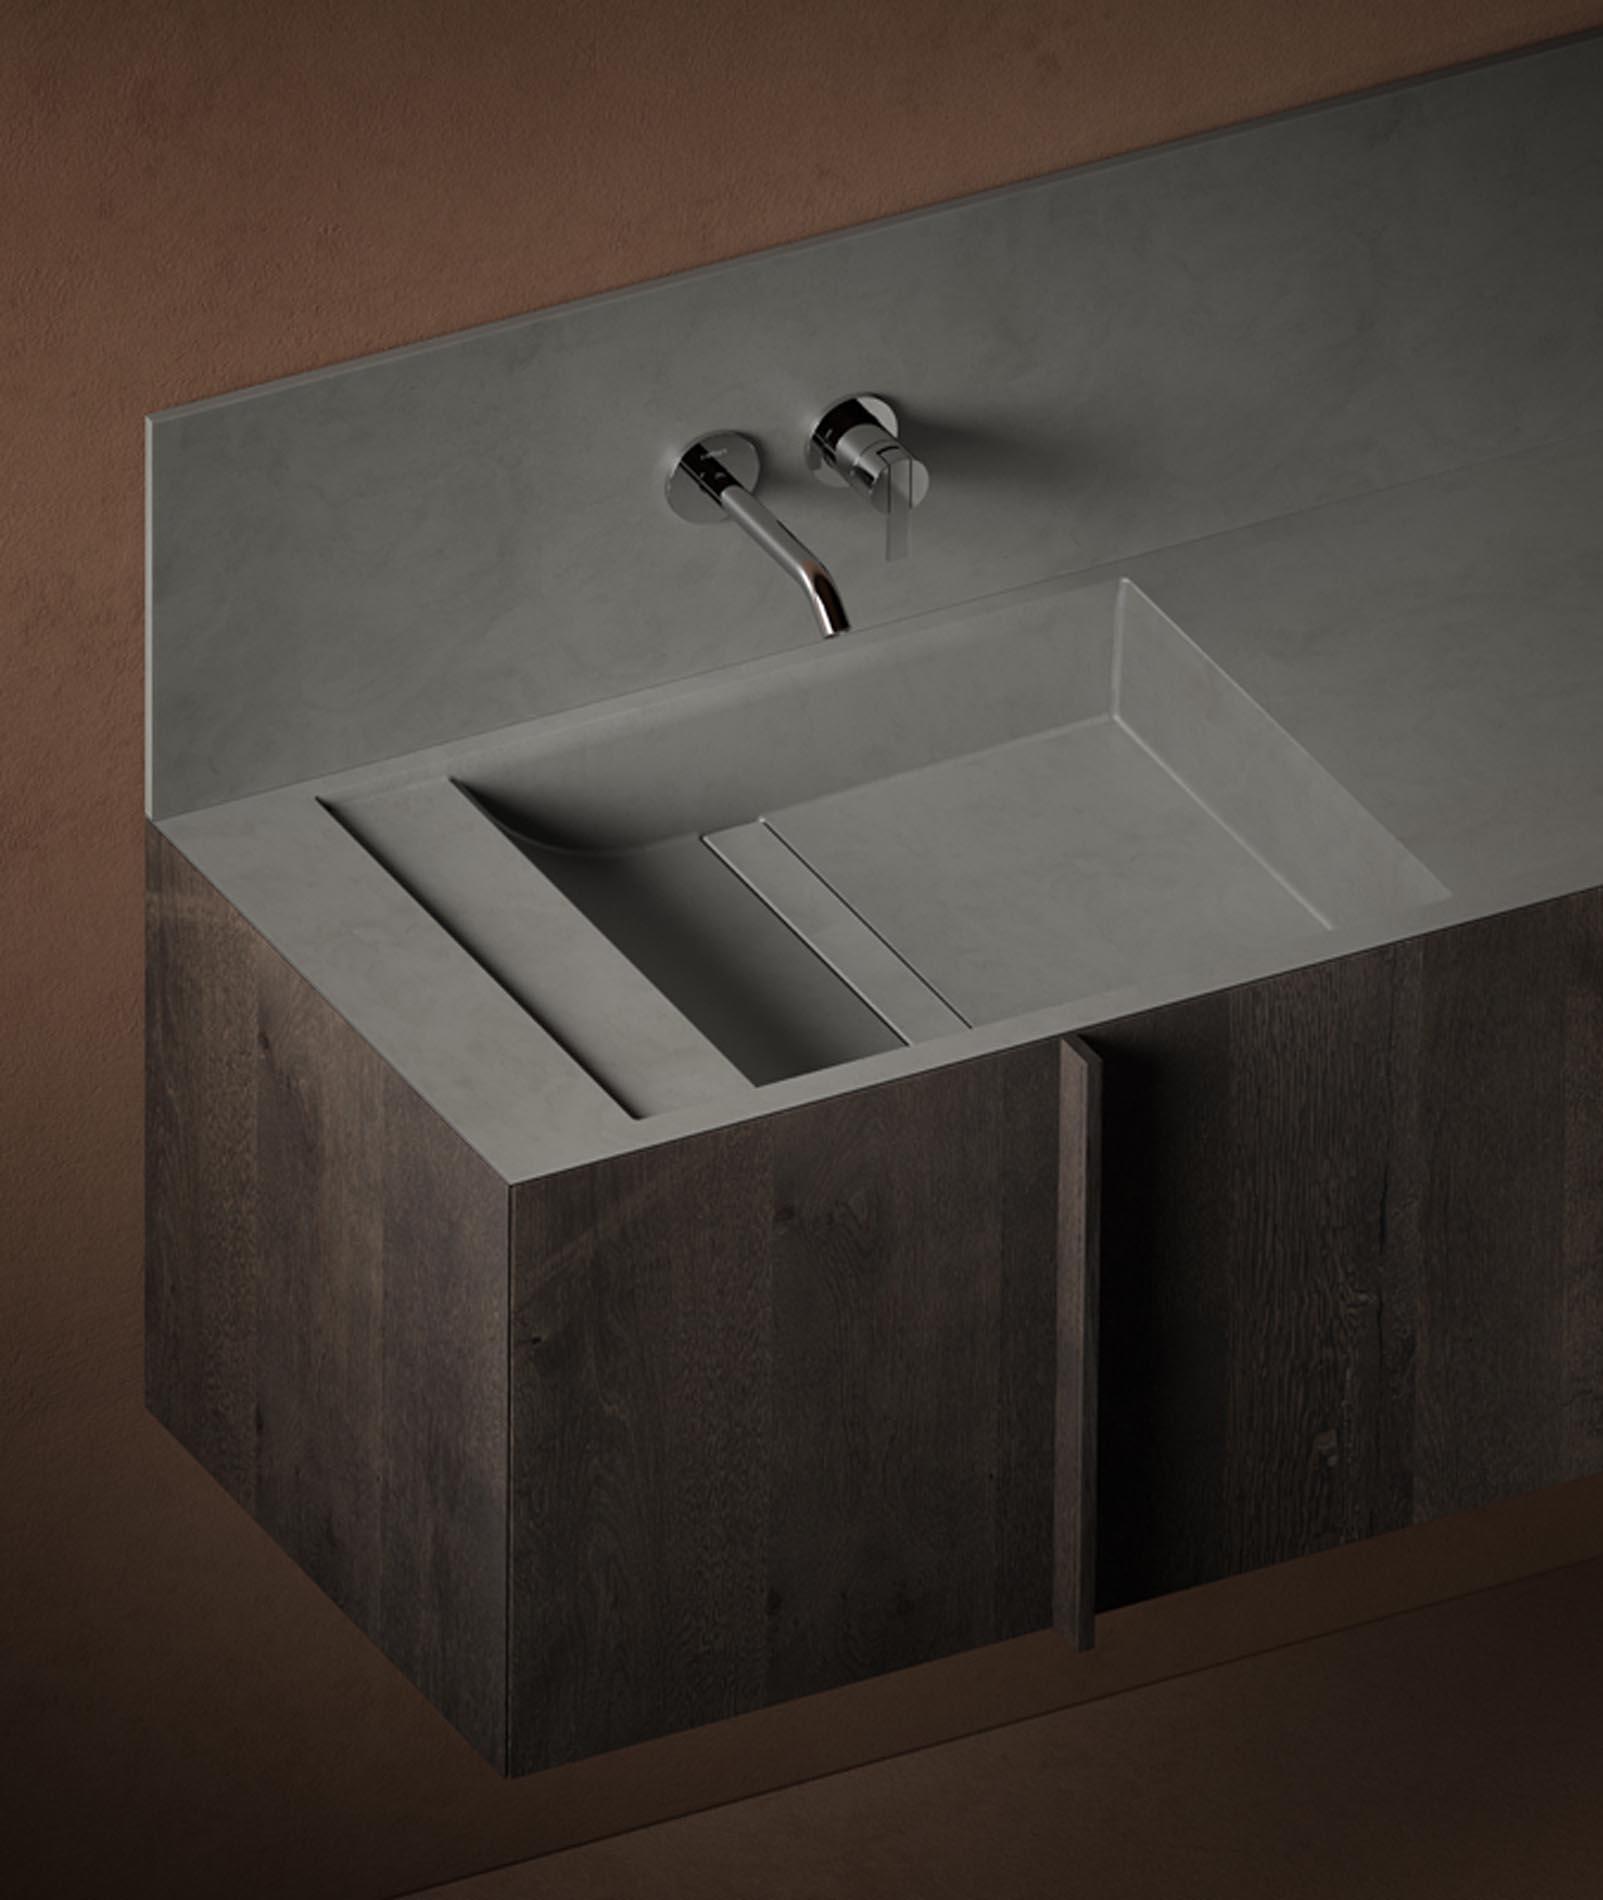 Baños diseñados por Víctor Carrasco para Inbani en Barcelona